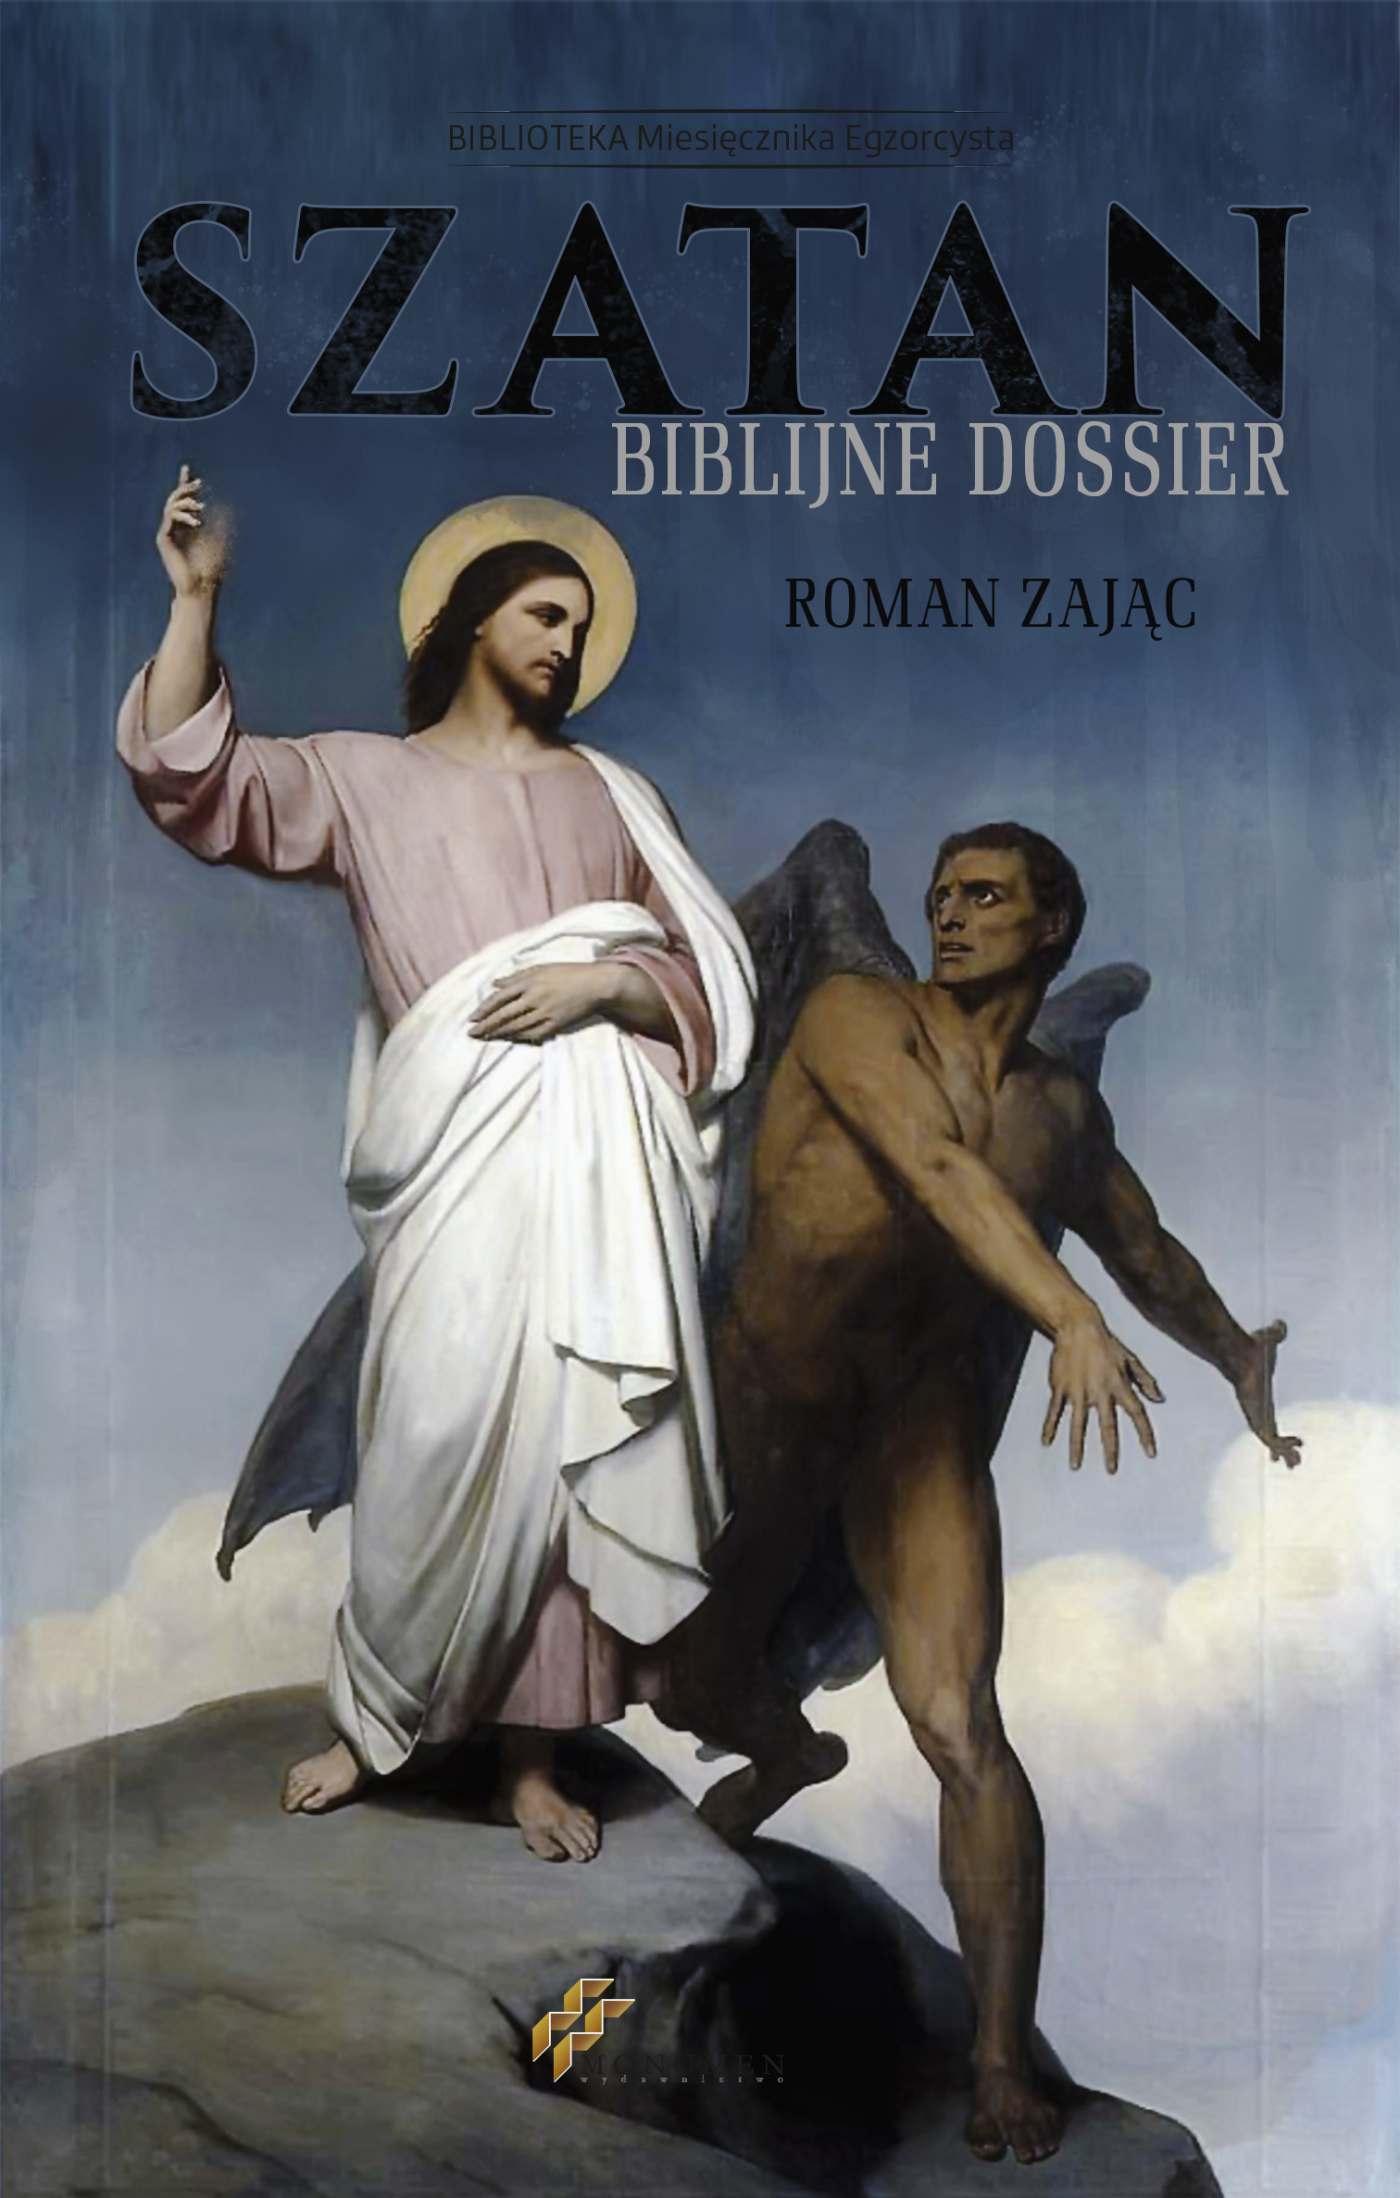 Szatan Biblijne Dossier - Ebook (Książka na Kindle) do pobrania w formacie MOBI